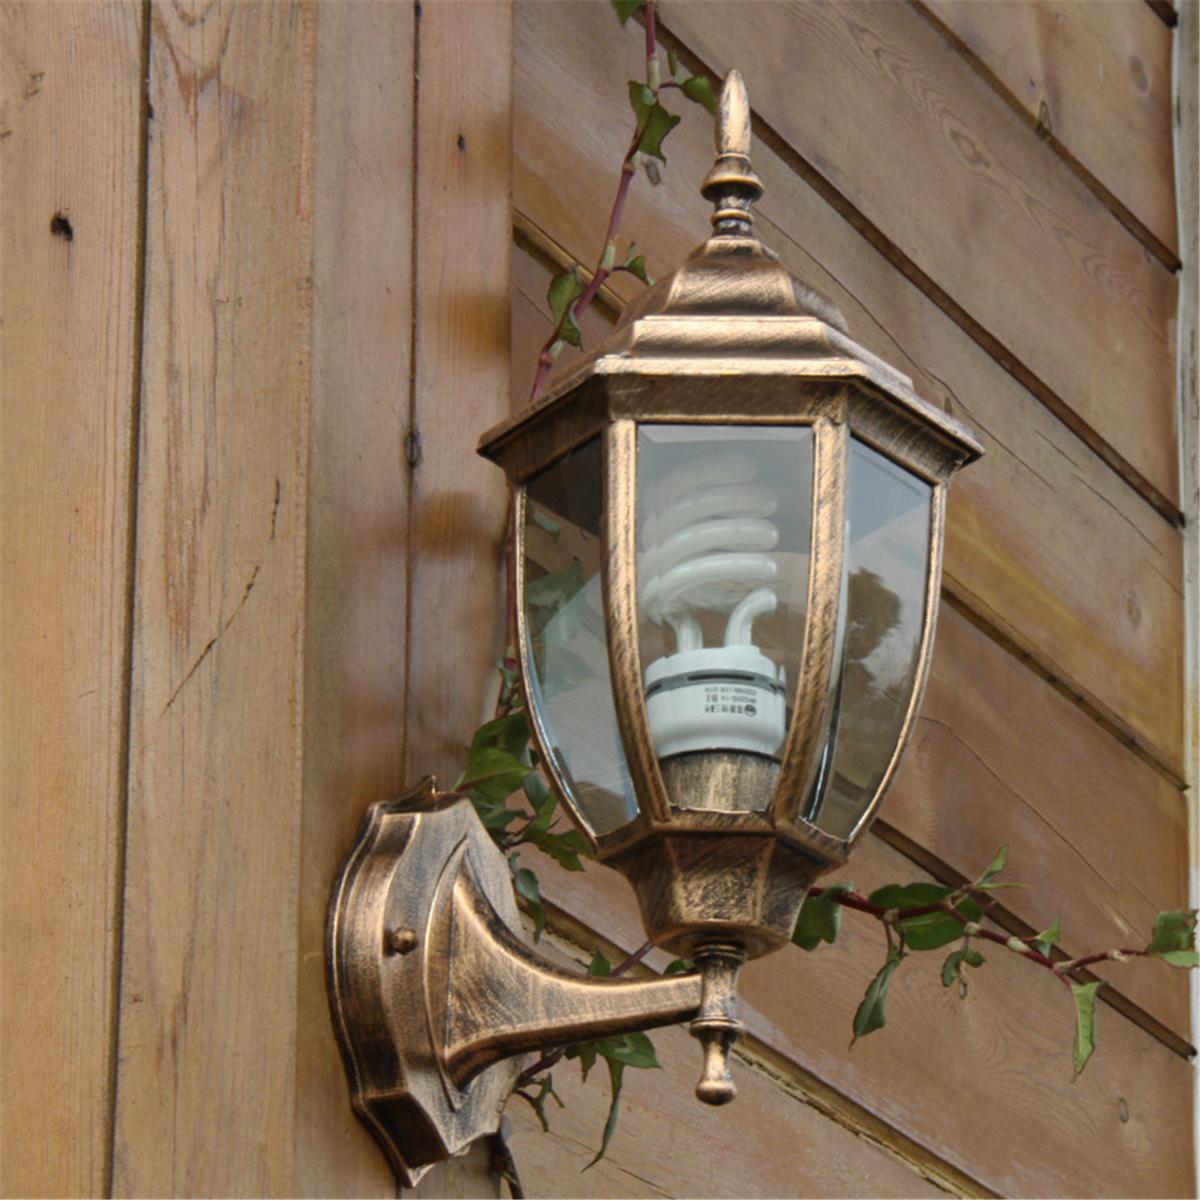 lampe ext rieur mur fixation bronze verre porche nouveau achat vente lampe ext rieur mur. Black Bedroom Furniture Sets. Home Design Ideas